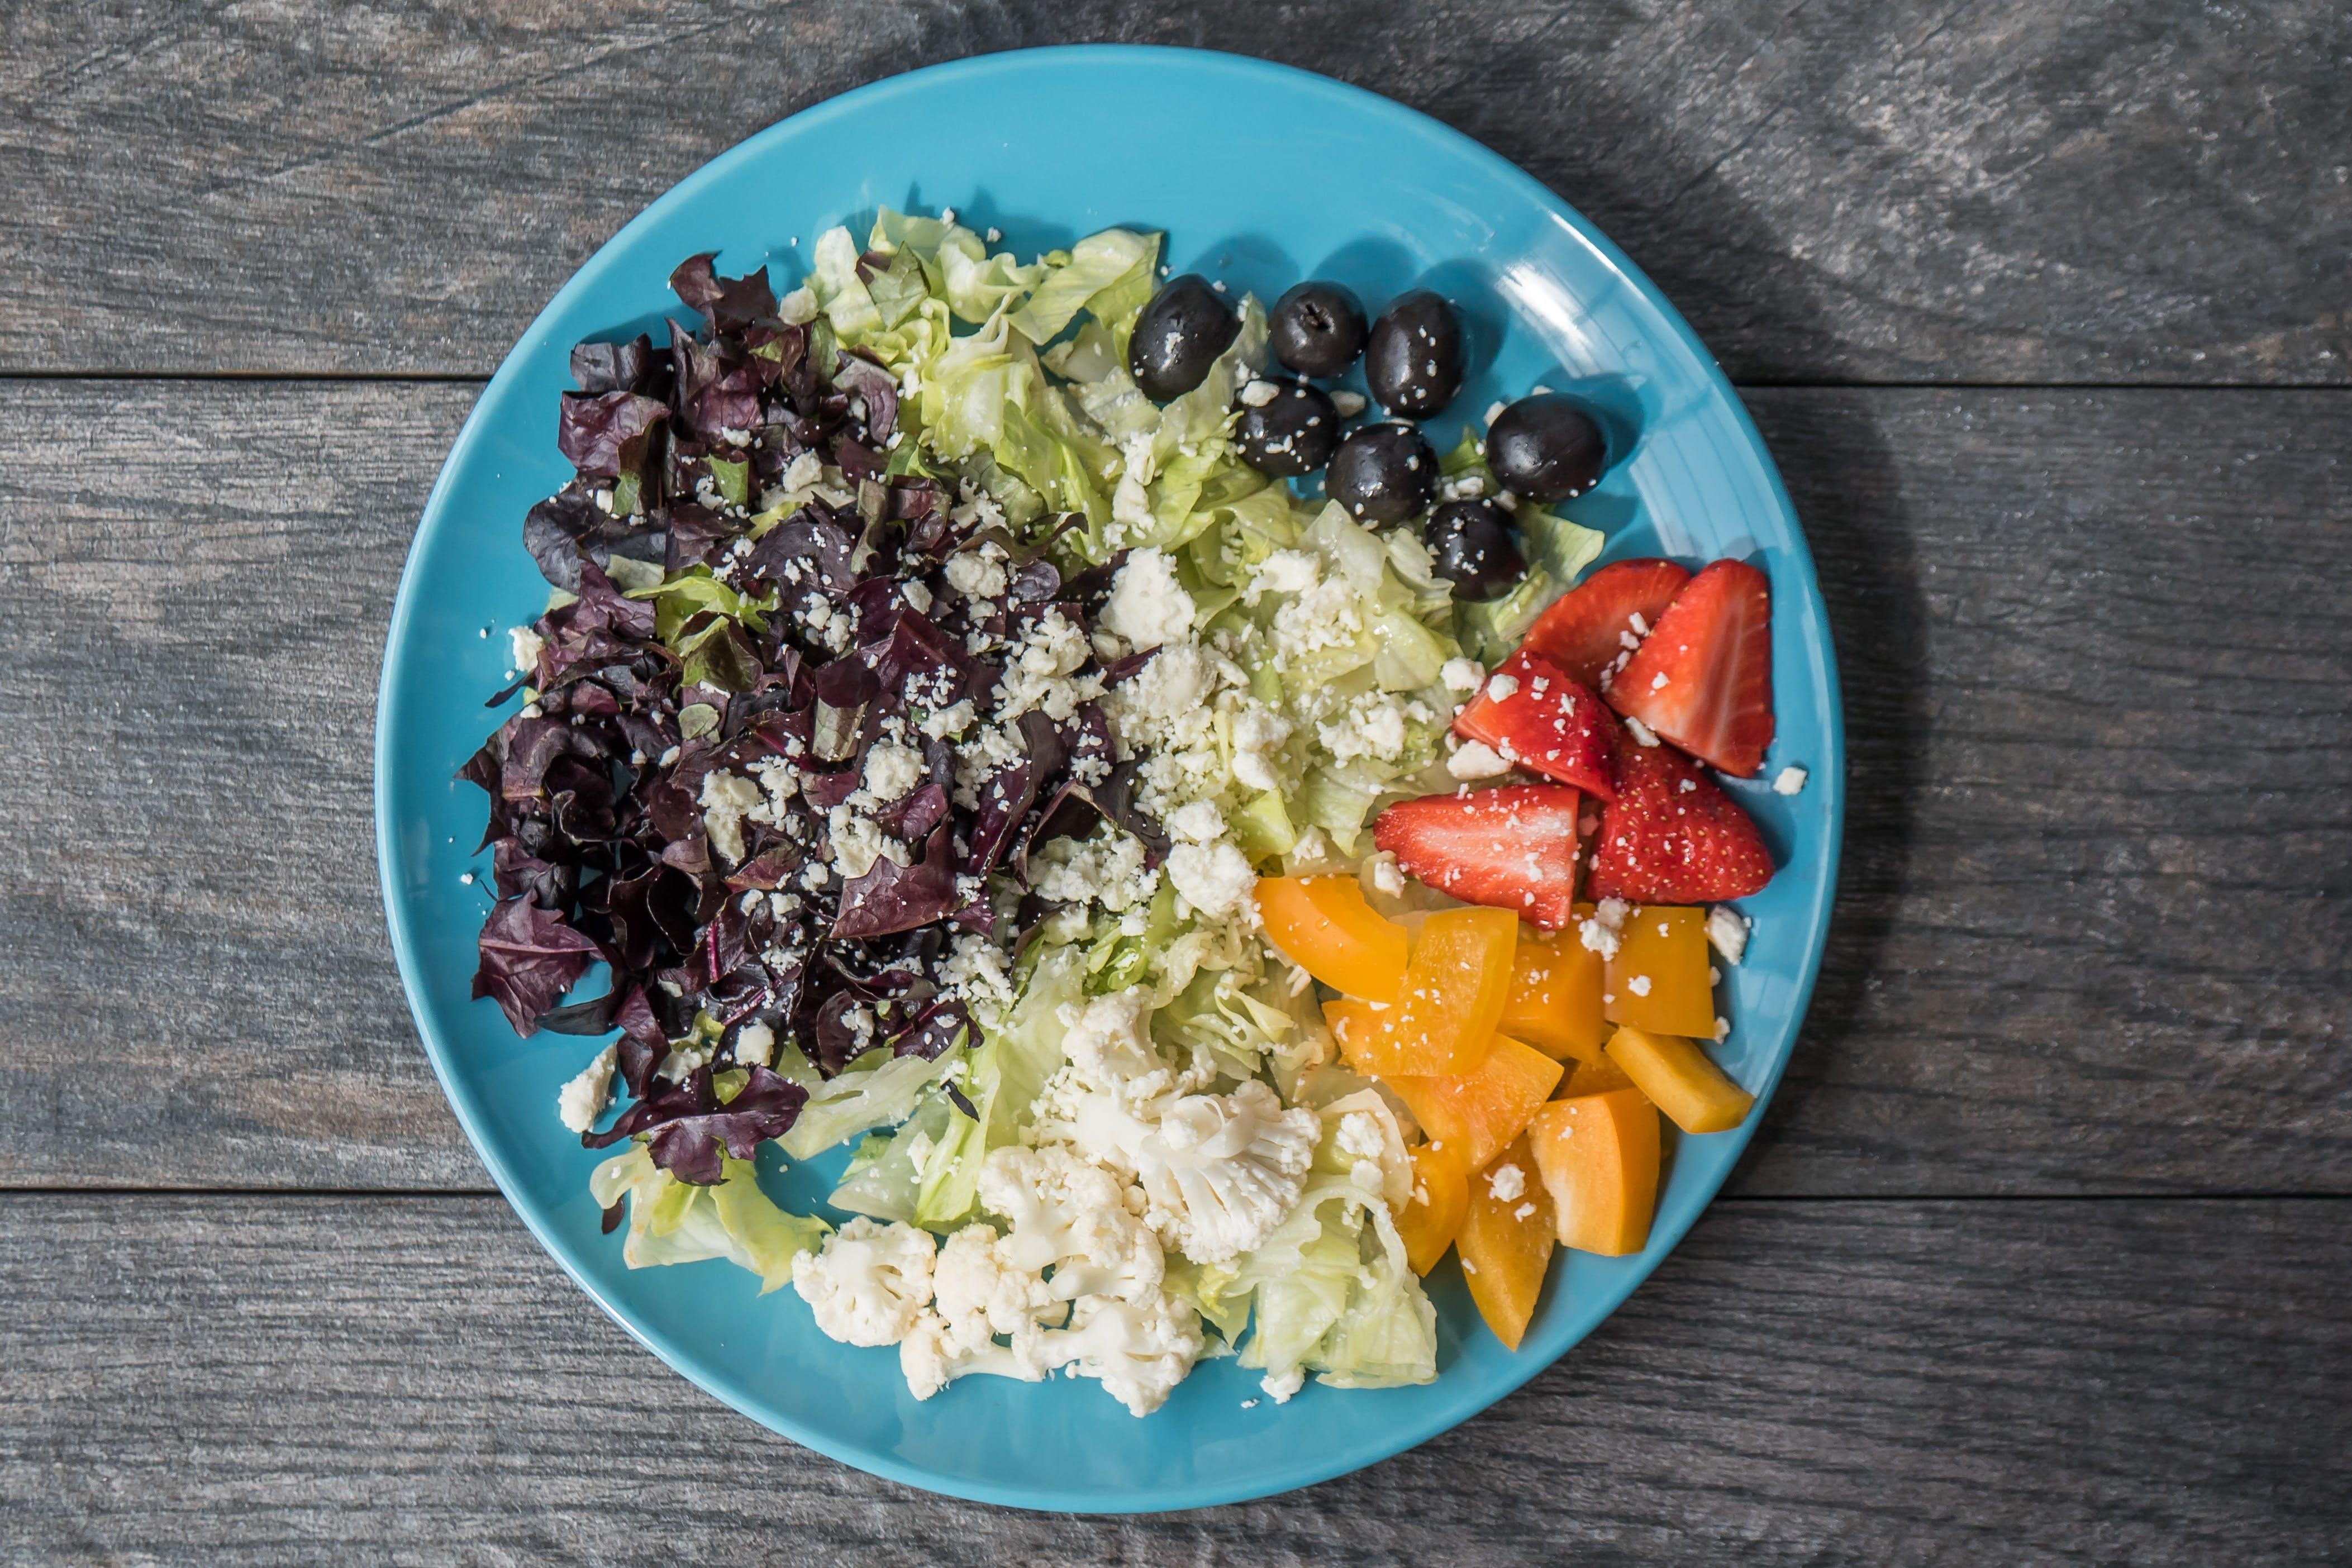 건강한, 건강한 생활, 건강한 식습관, 다이어트의 무료 스톡 사진